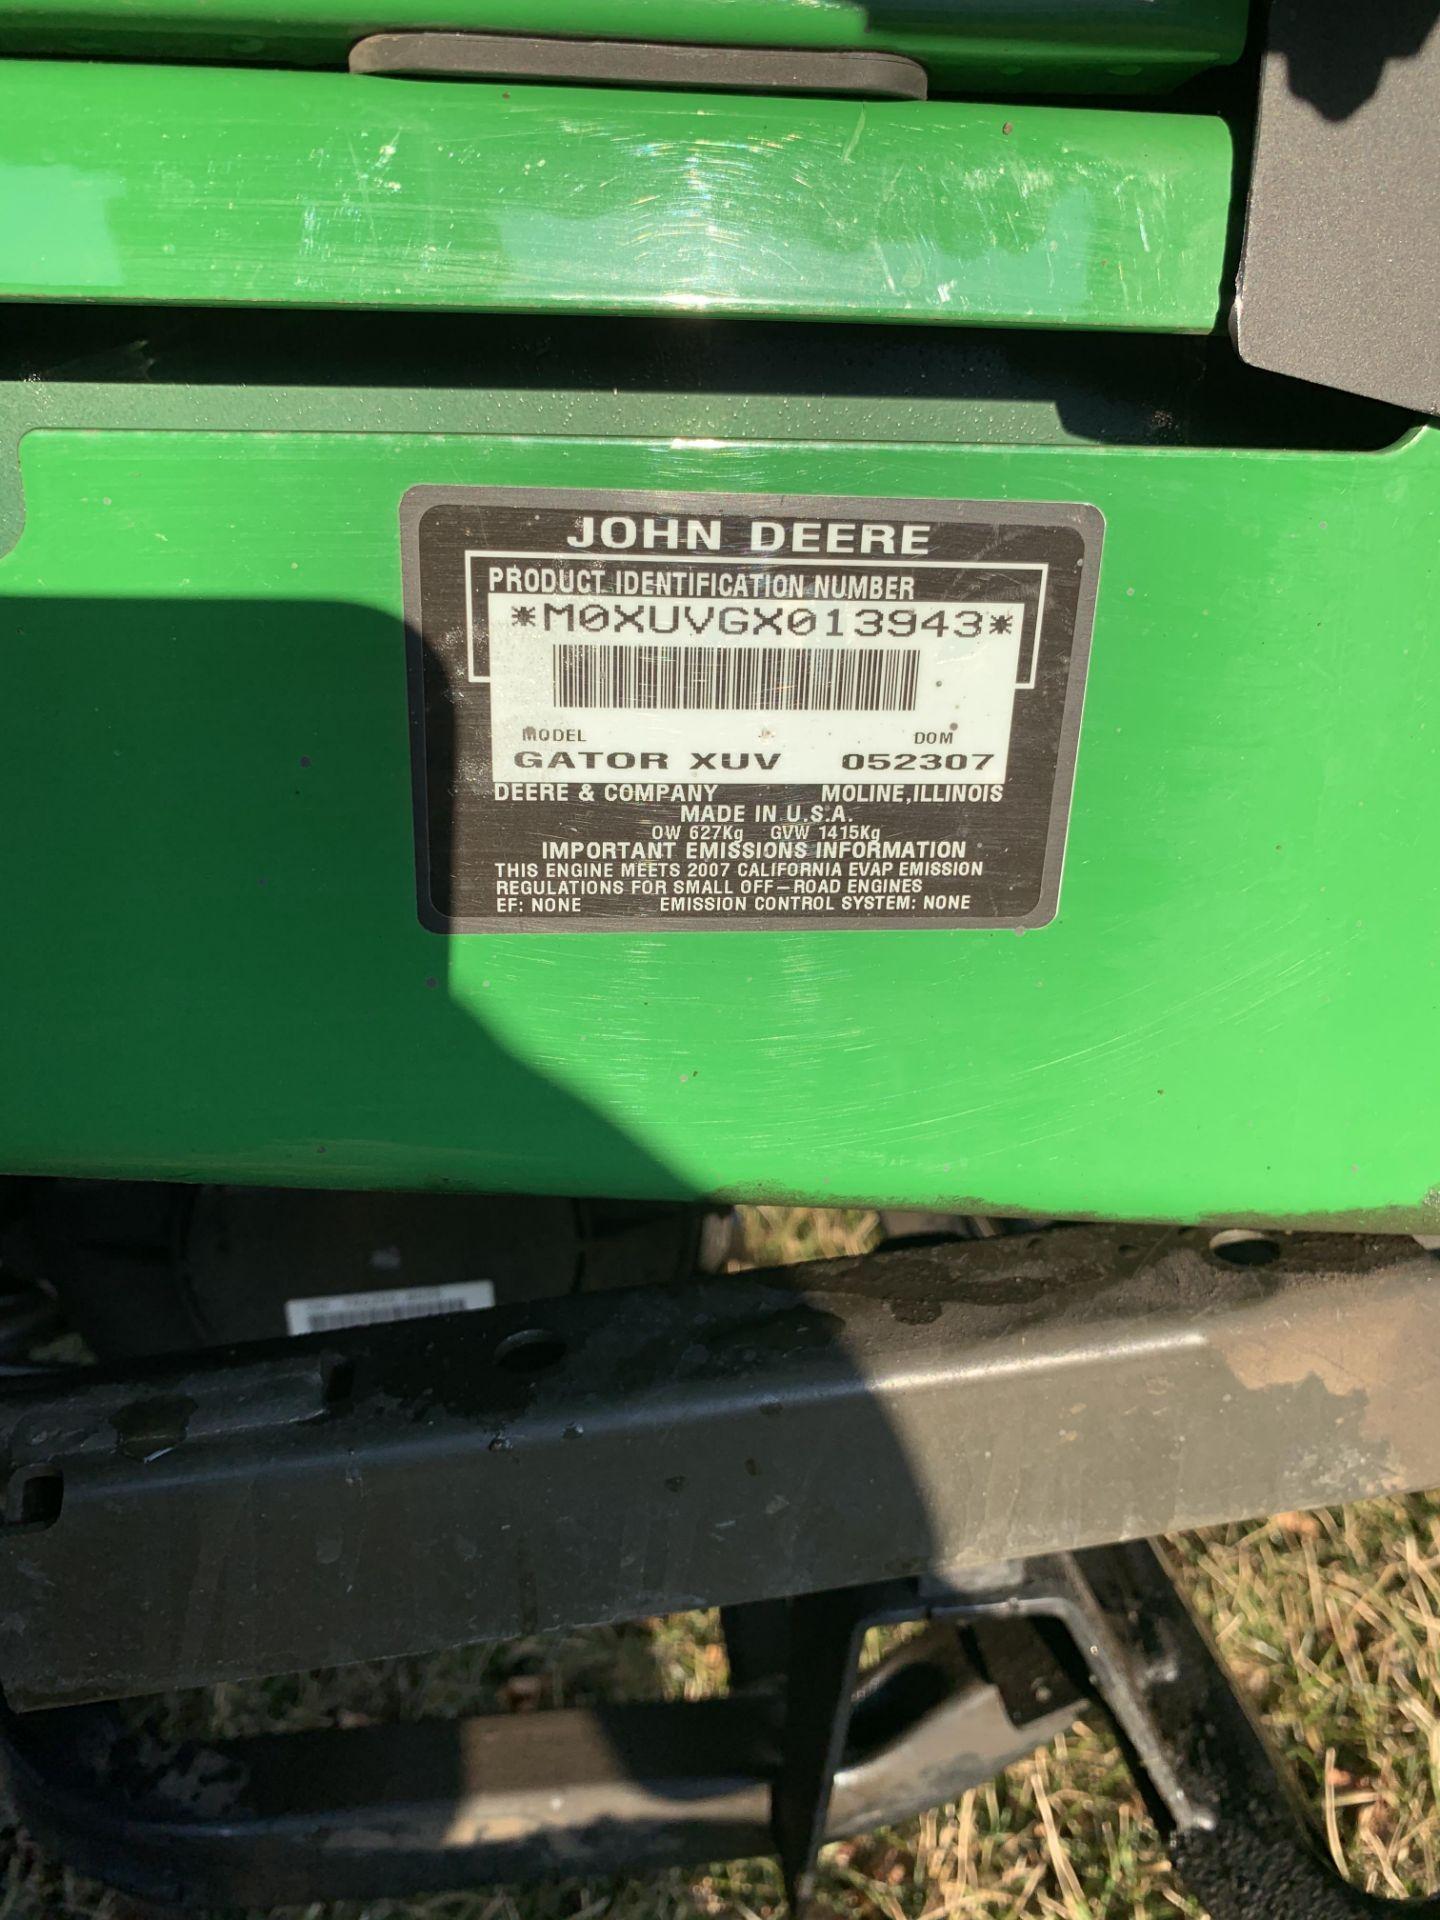 John Deere 2007 620I Gator XUV, 4x4, - Image 2 of 8